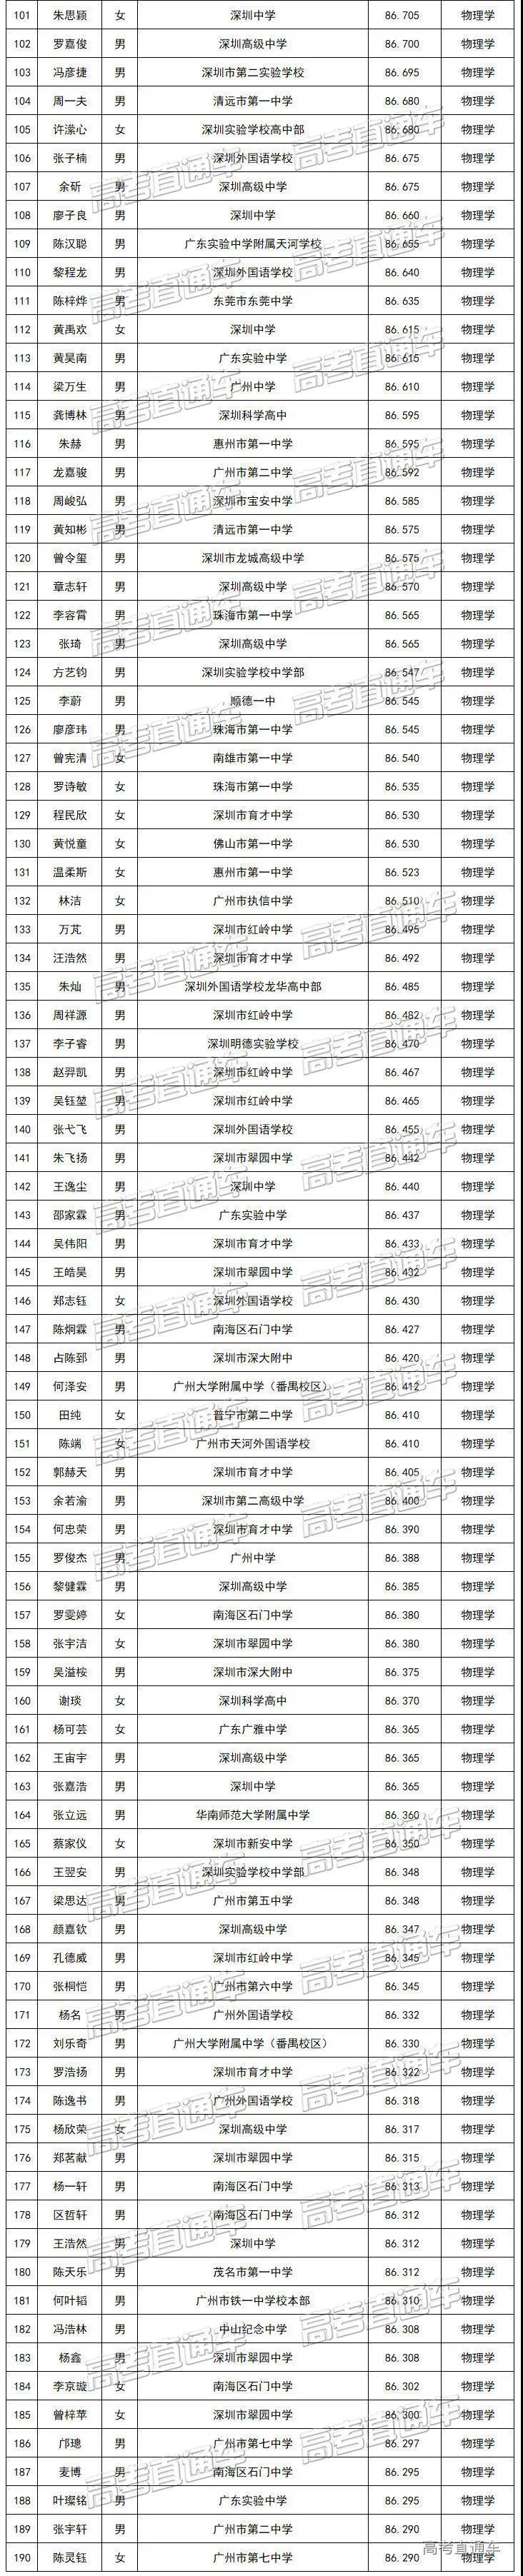 南方科技大学2020年综合评价广东省录取考生名单2